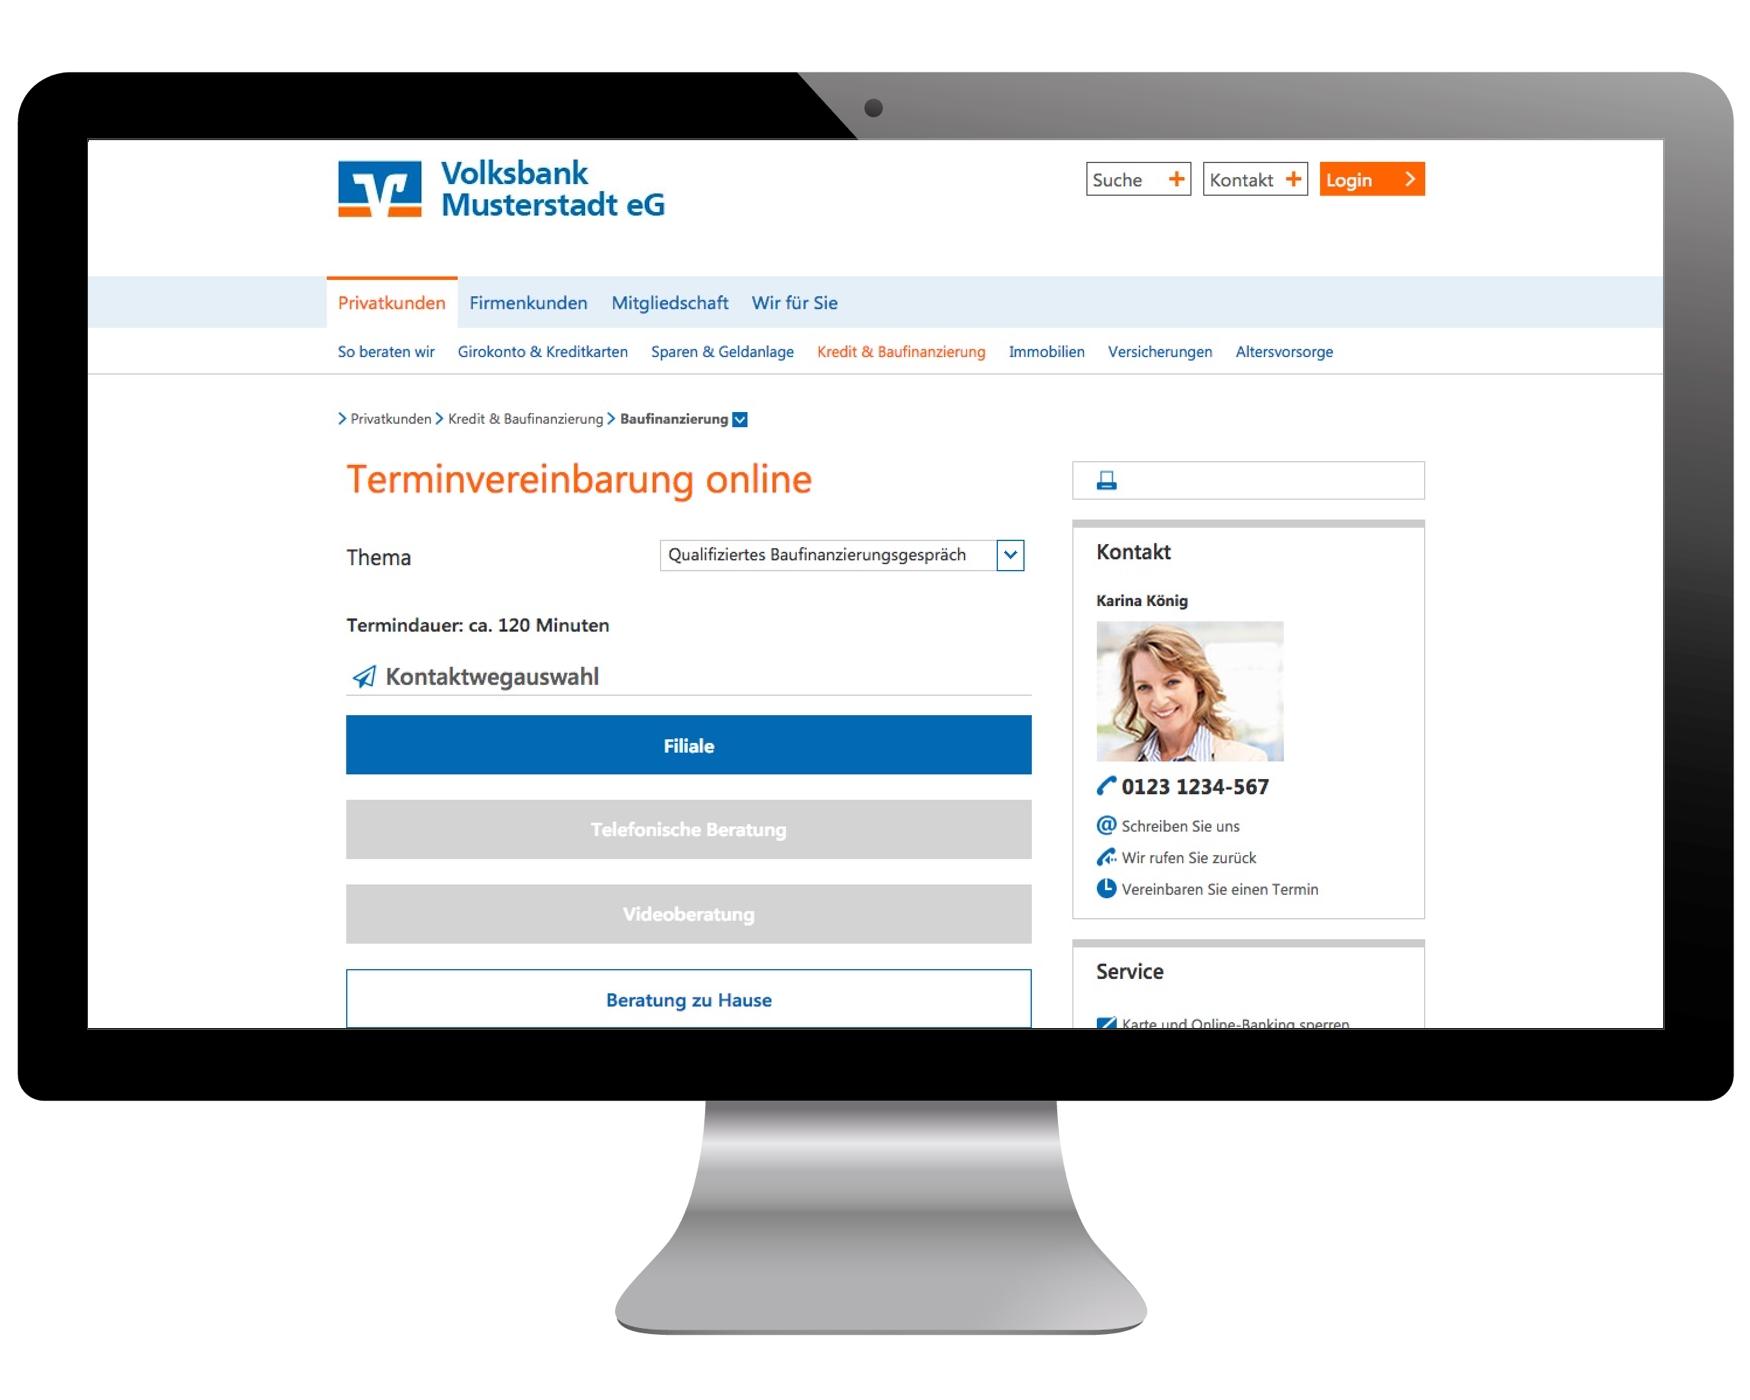 Online Terminvereinbarung Mit Auic Agentes Unternehmensgruppe